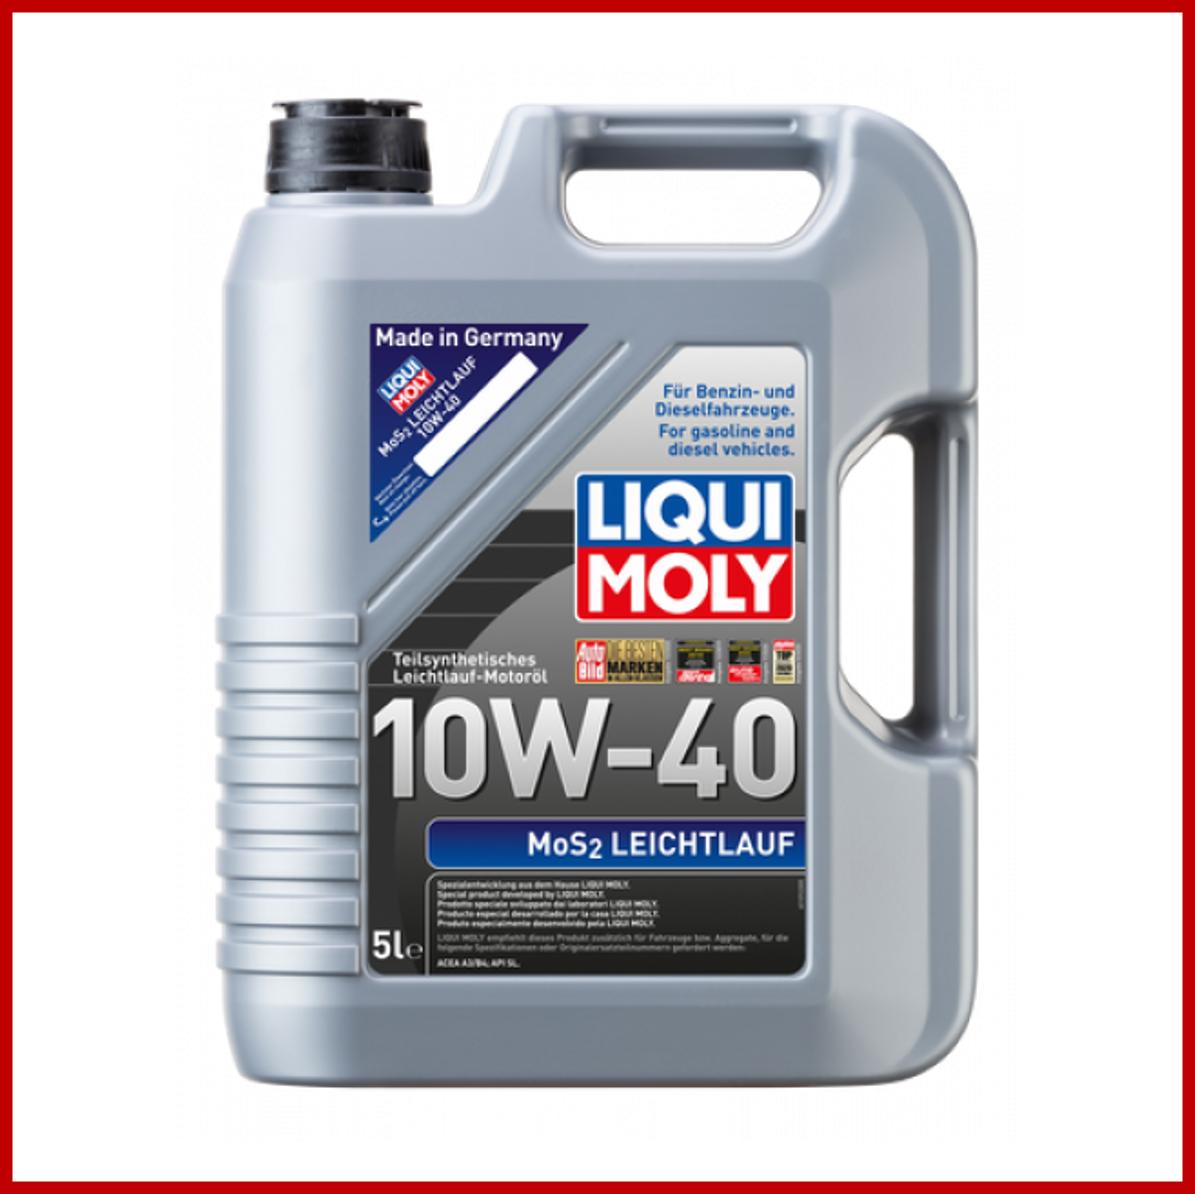 LIQUI MOLY MoS2 Leichtlauf 10W40 (5L)